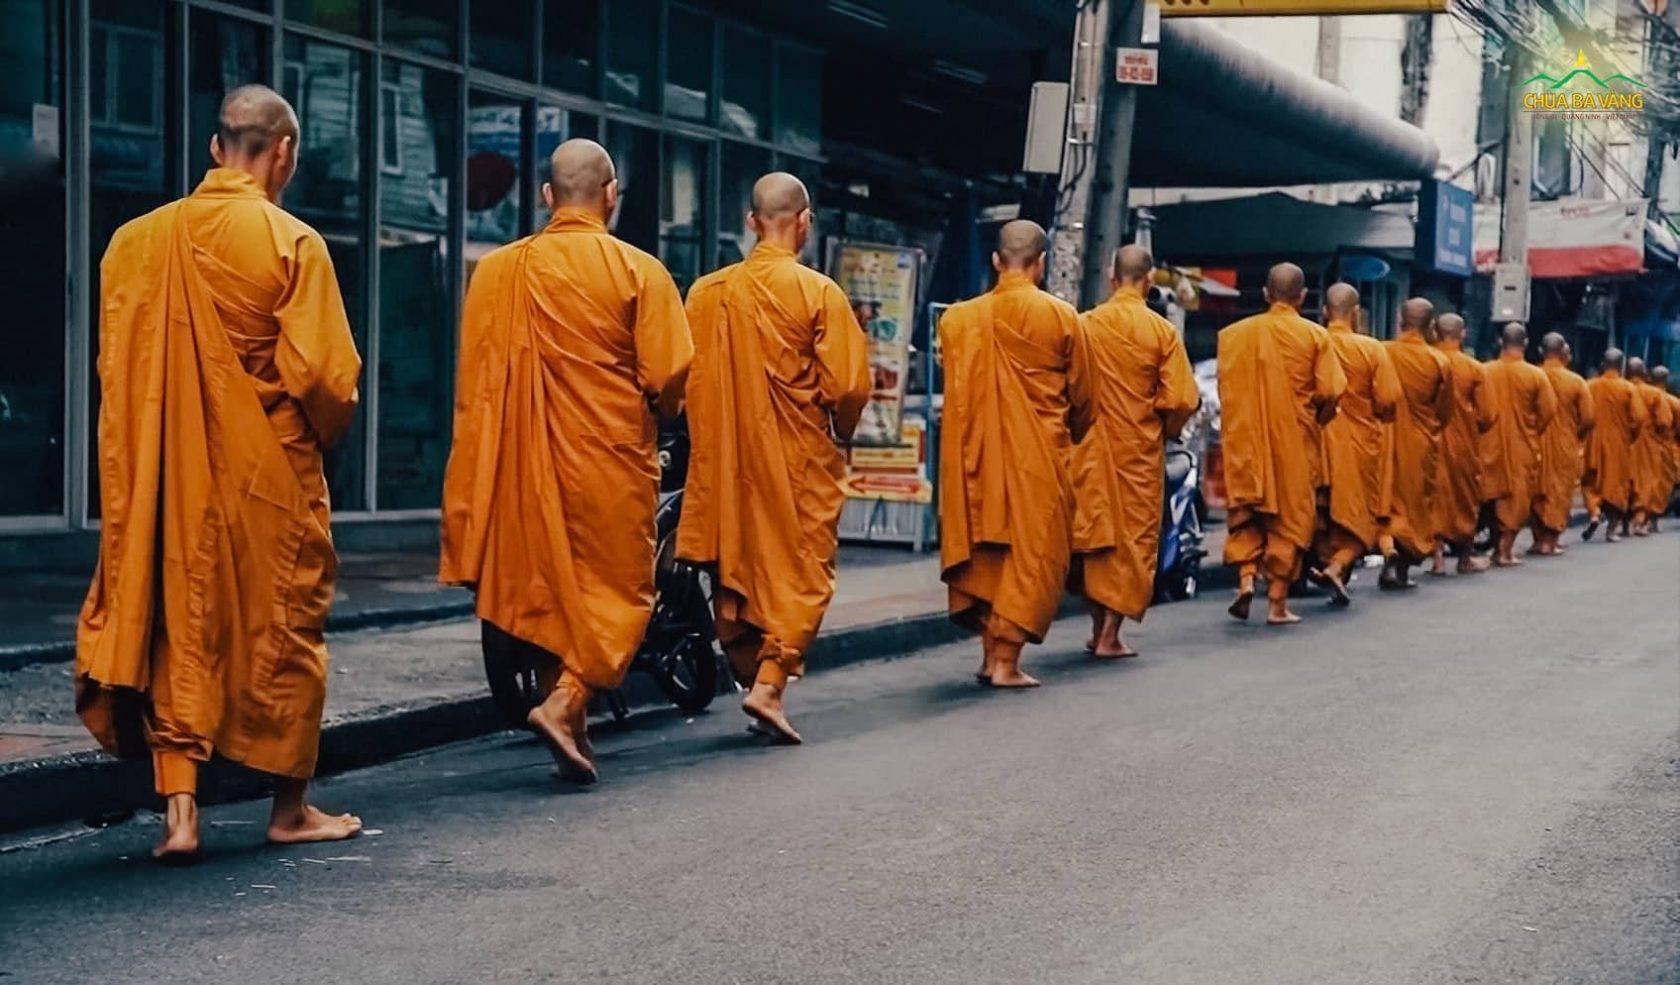 Tăng đoàn chùa Ba Vàng trì bình khất thực ở Bangkok (Thái Lan)